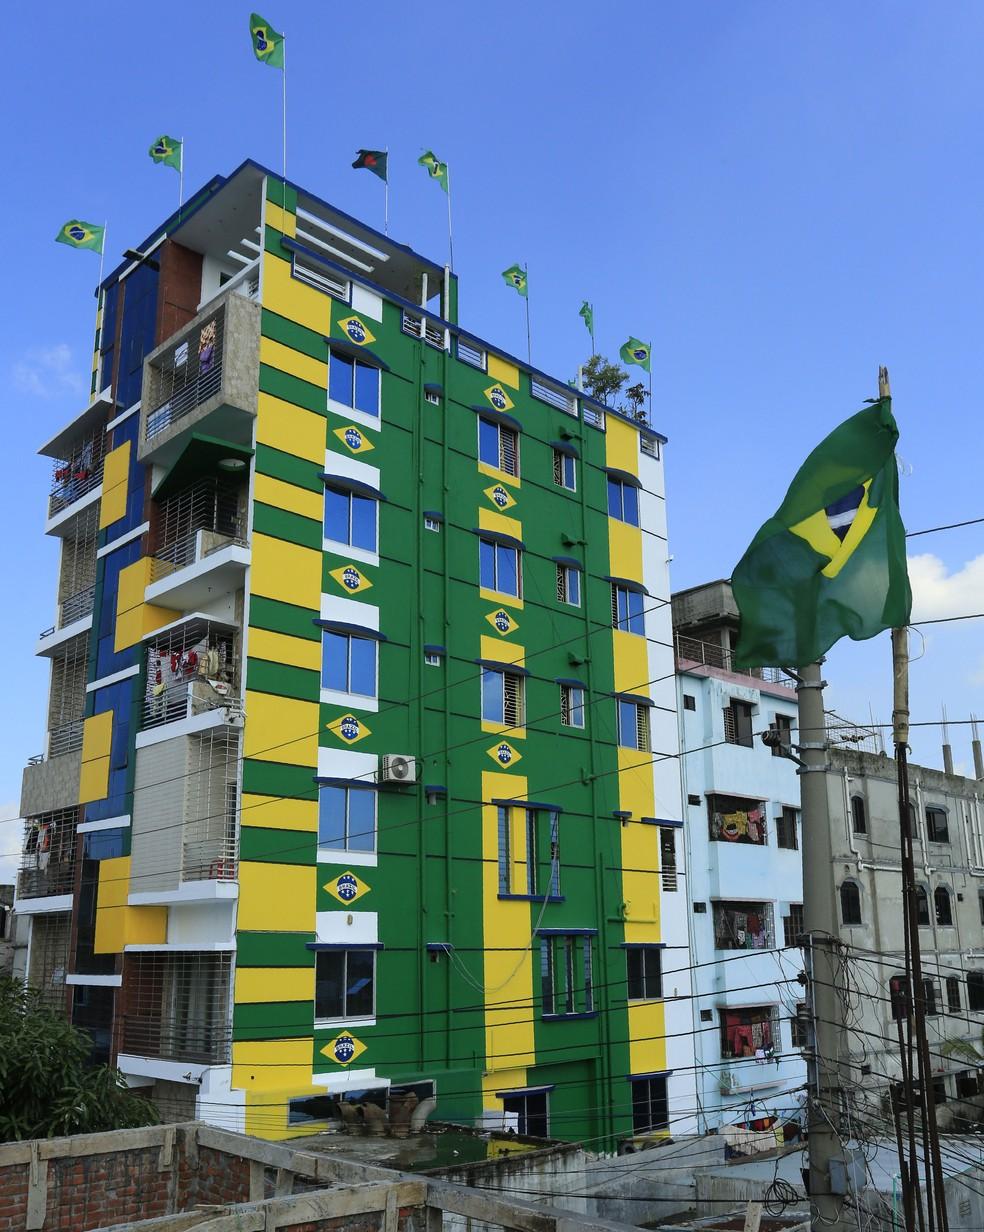 Fachada de prédio decorada com cores da bandeira do Brasil em Naraygong, Bangladesh, em foto de 5 de junho (Foto: AFP)